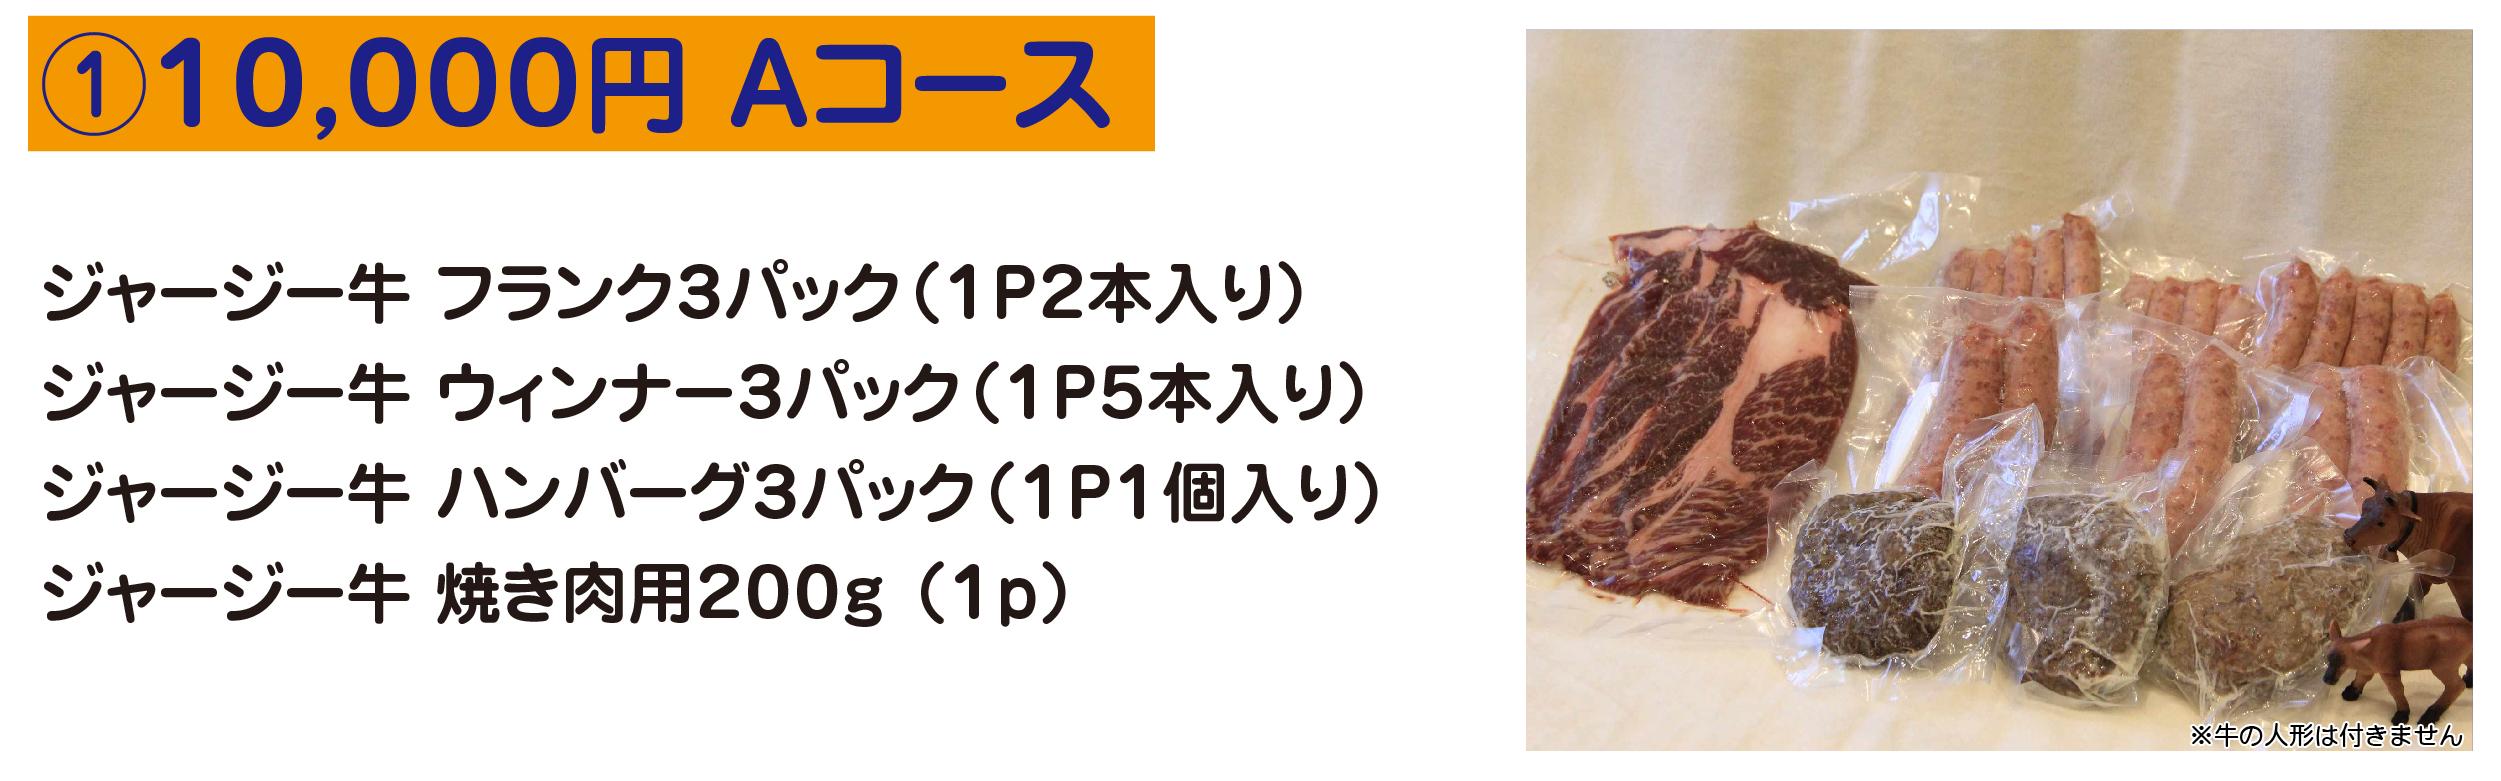 ①10,000円 Aコース ジャージー牛 フランク3パック(1P2本入り) ジャージー牛 ウィンナー3パック(1P5本入り) ジャージー牛 ハンバーグ3パック(1P1個入り) ジャージー牛 焼き肉用200g (1p)